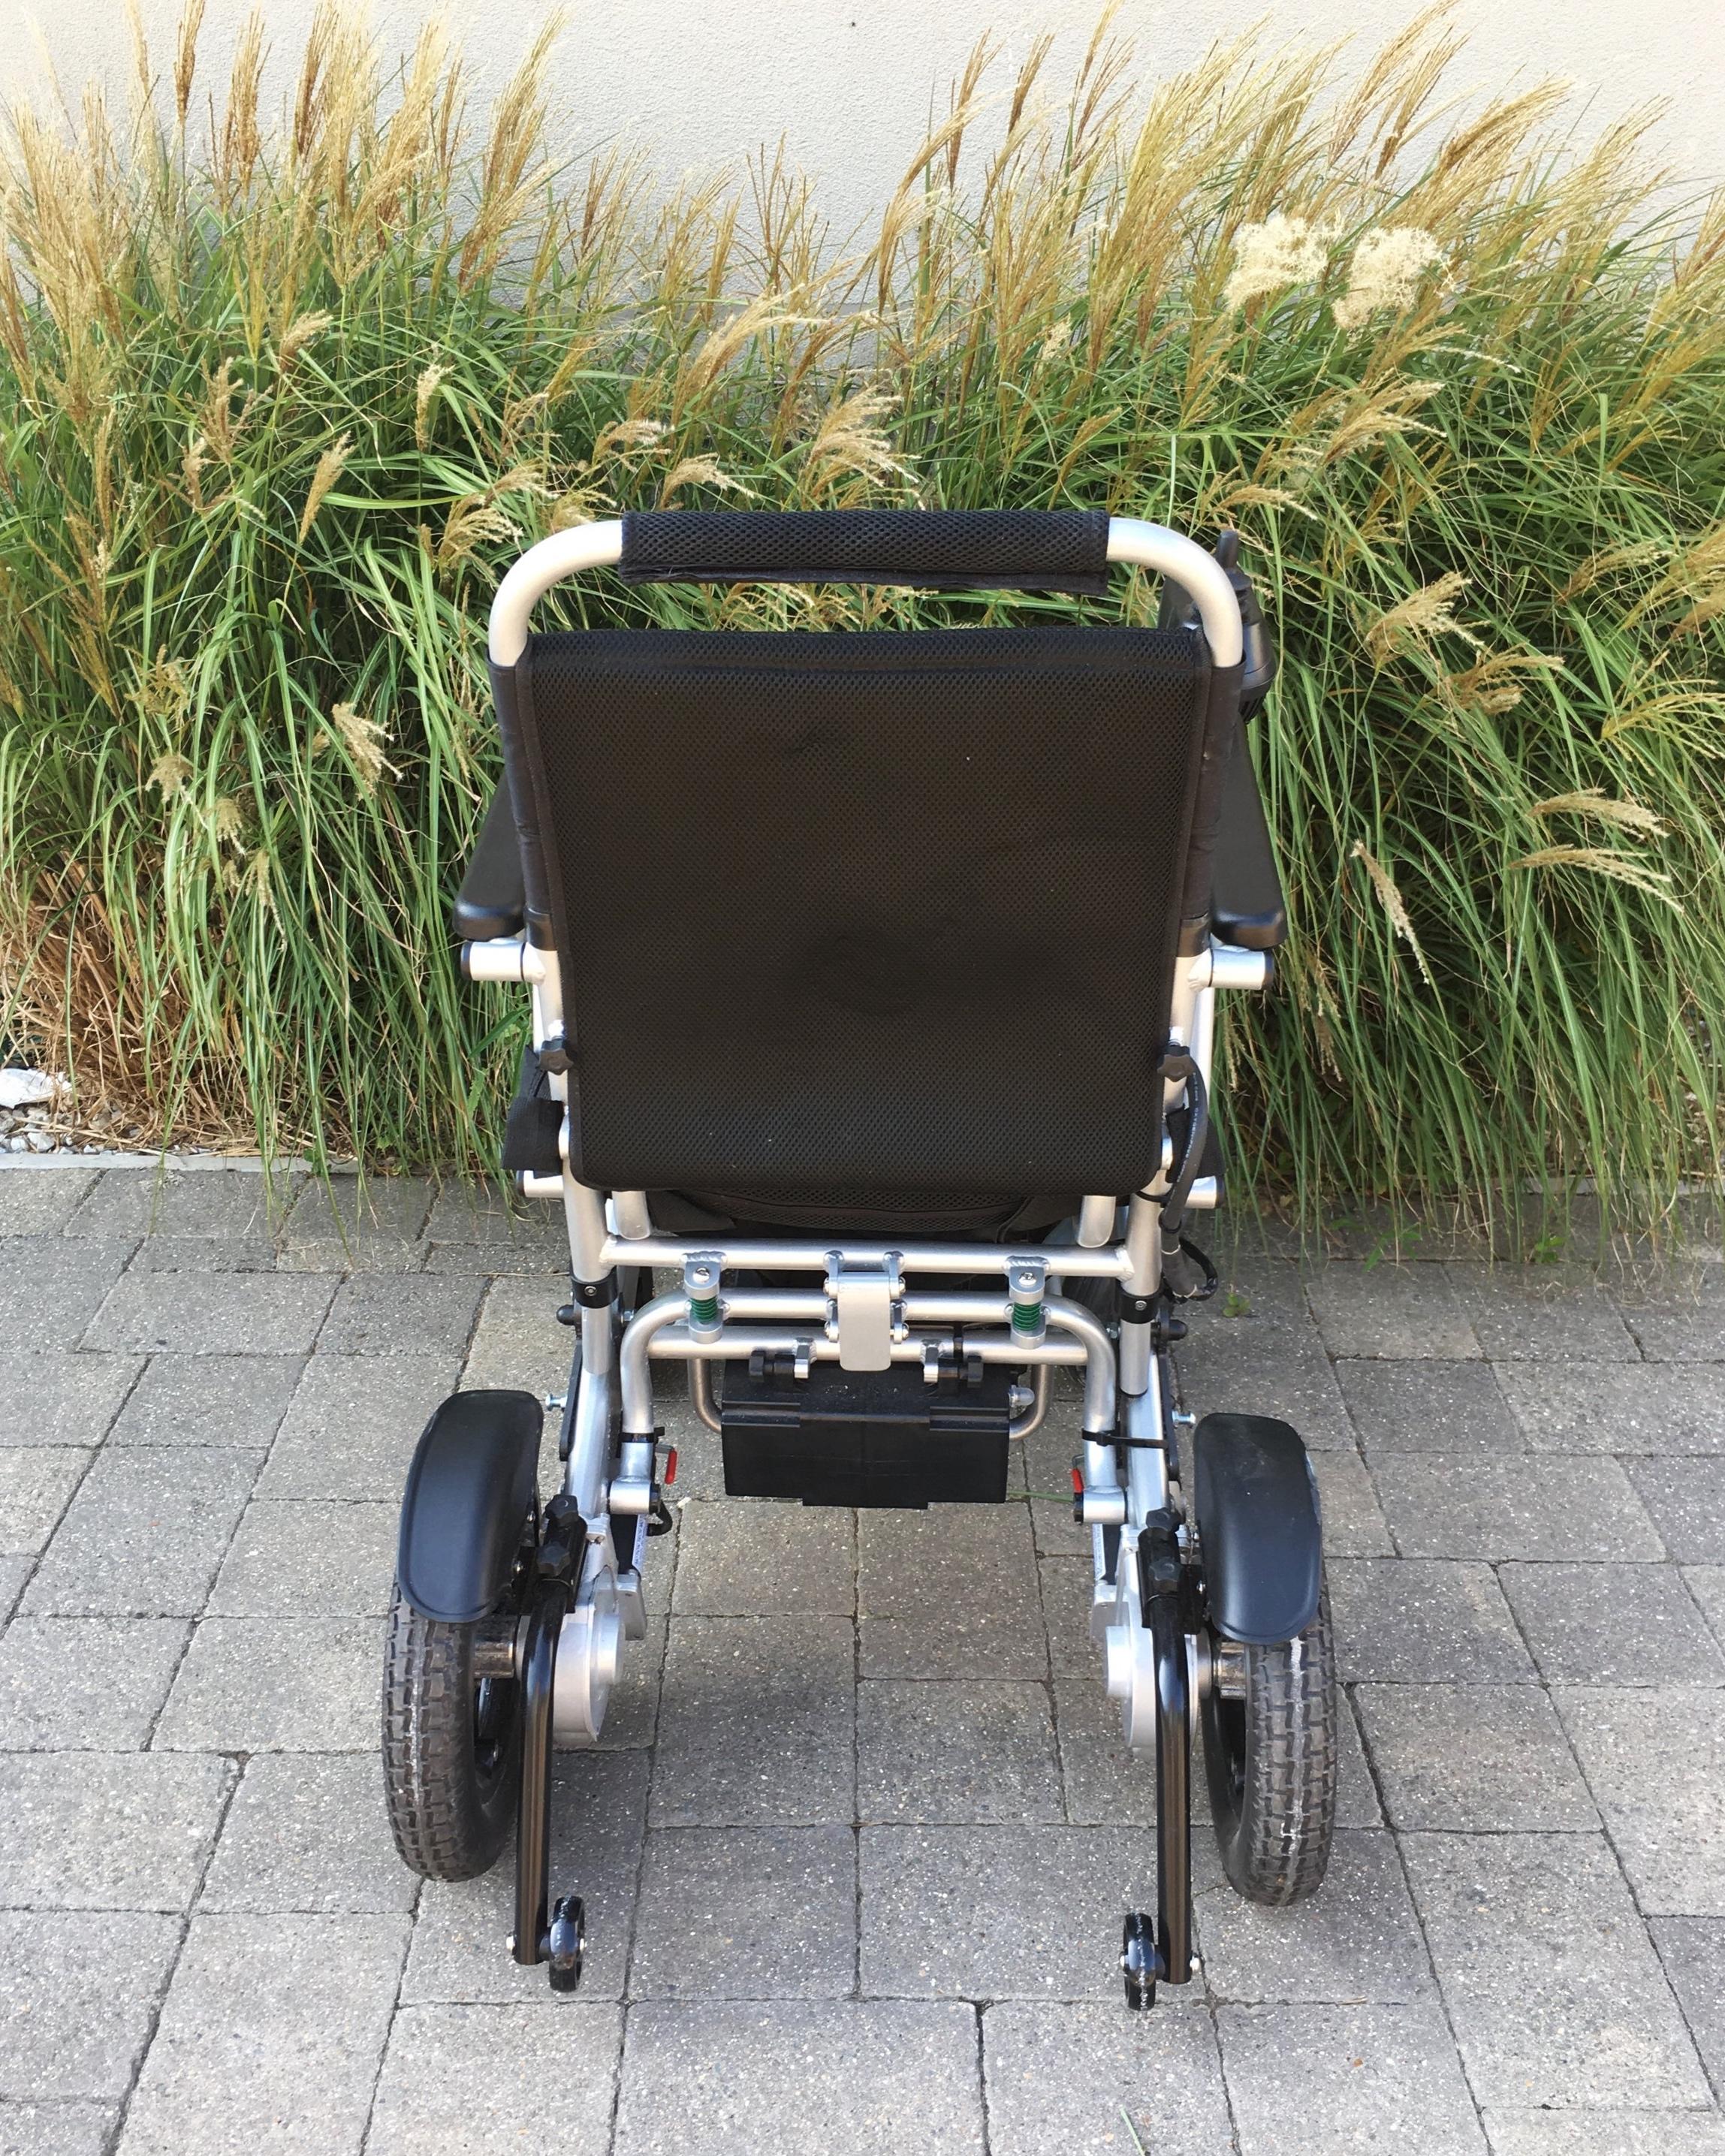 Lith-Tech+Smart+Chair+2+3.jpg